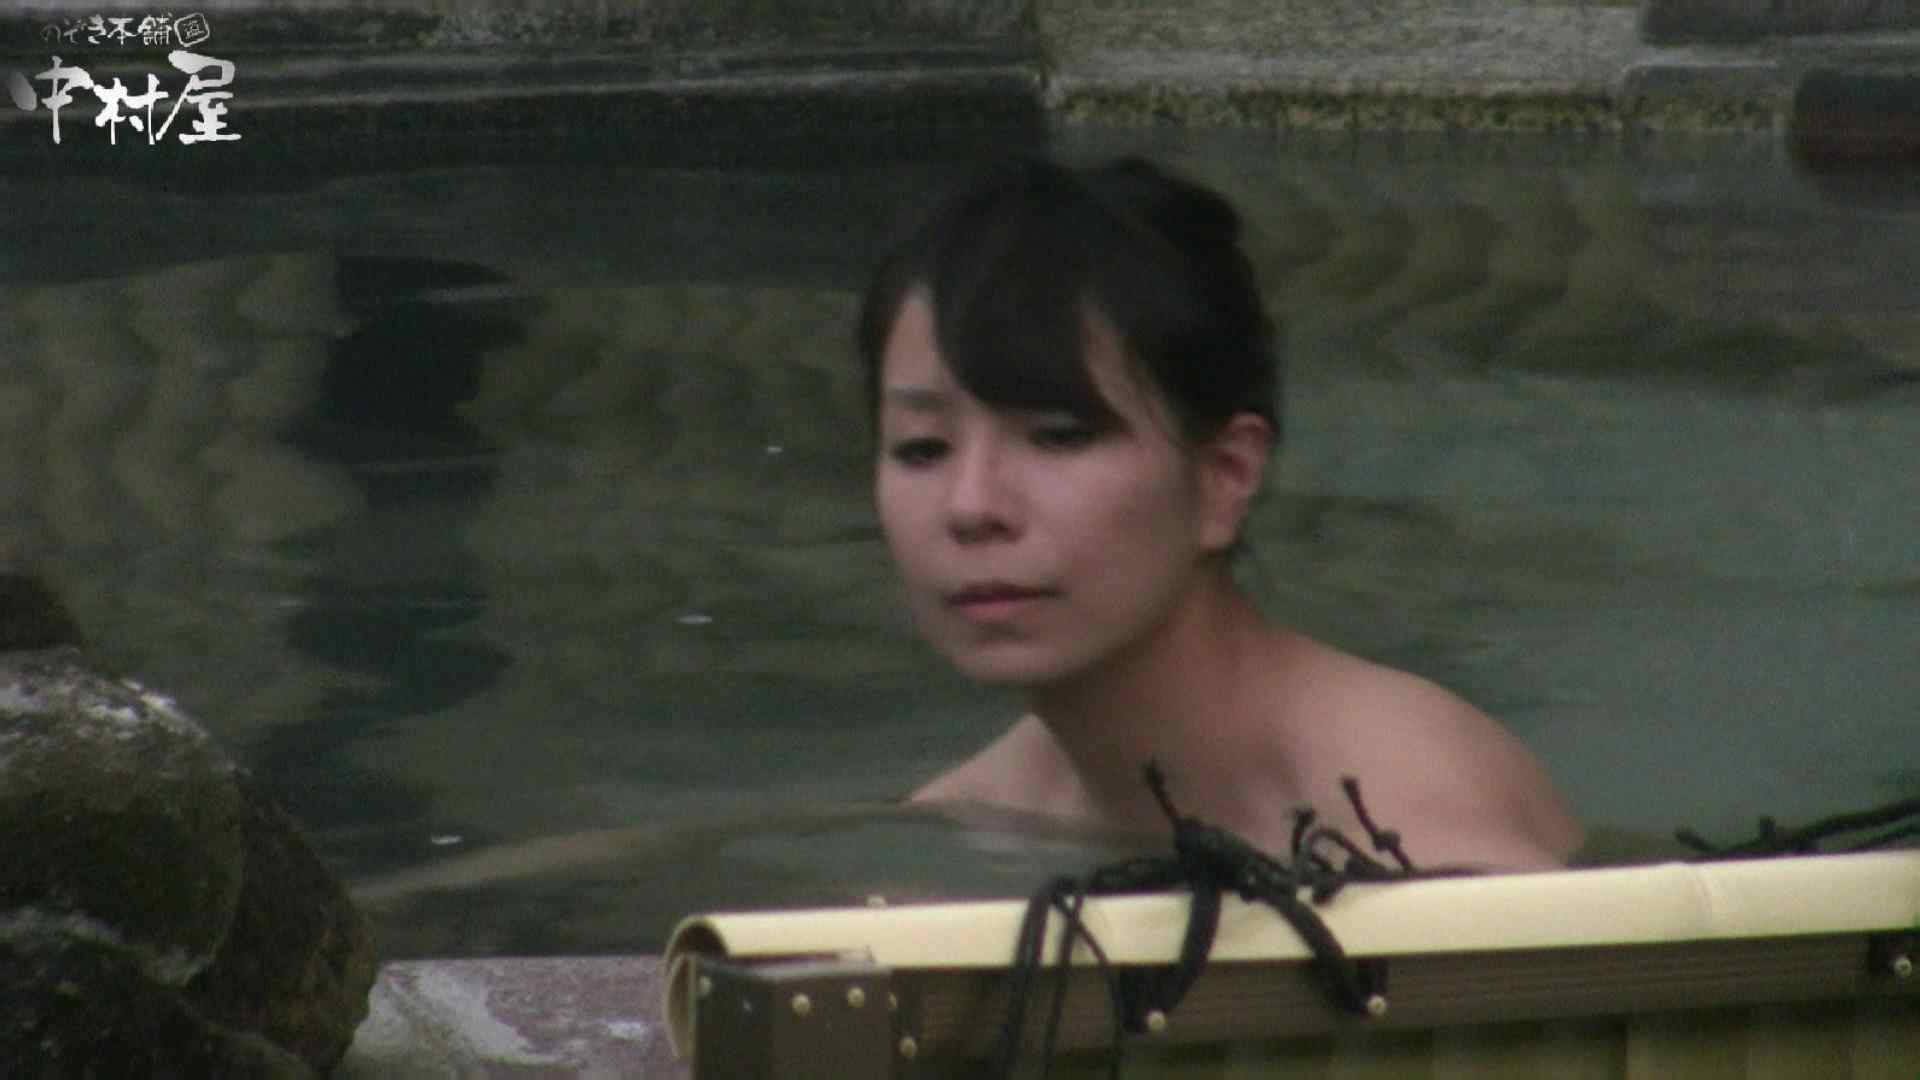 Aquaな露天風呂Vol.930 0   0  101pic 61